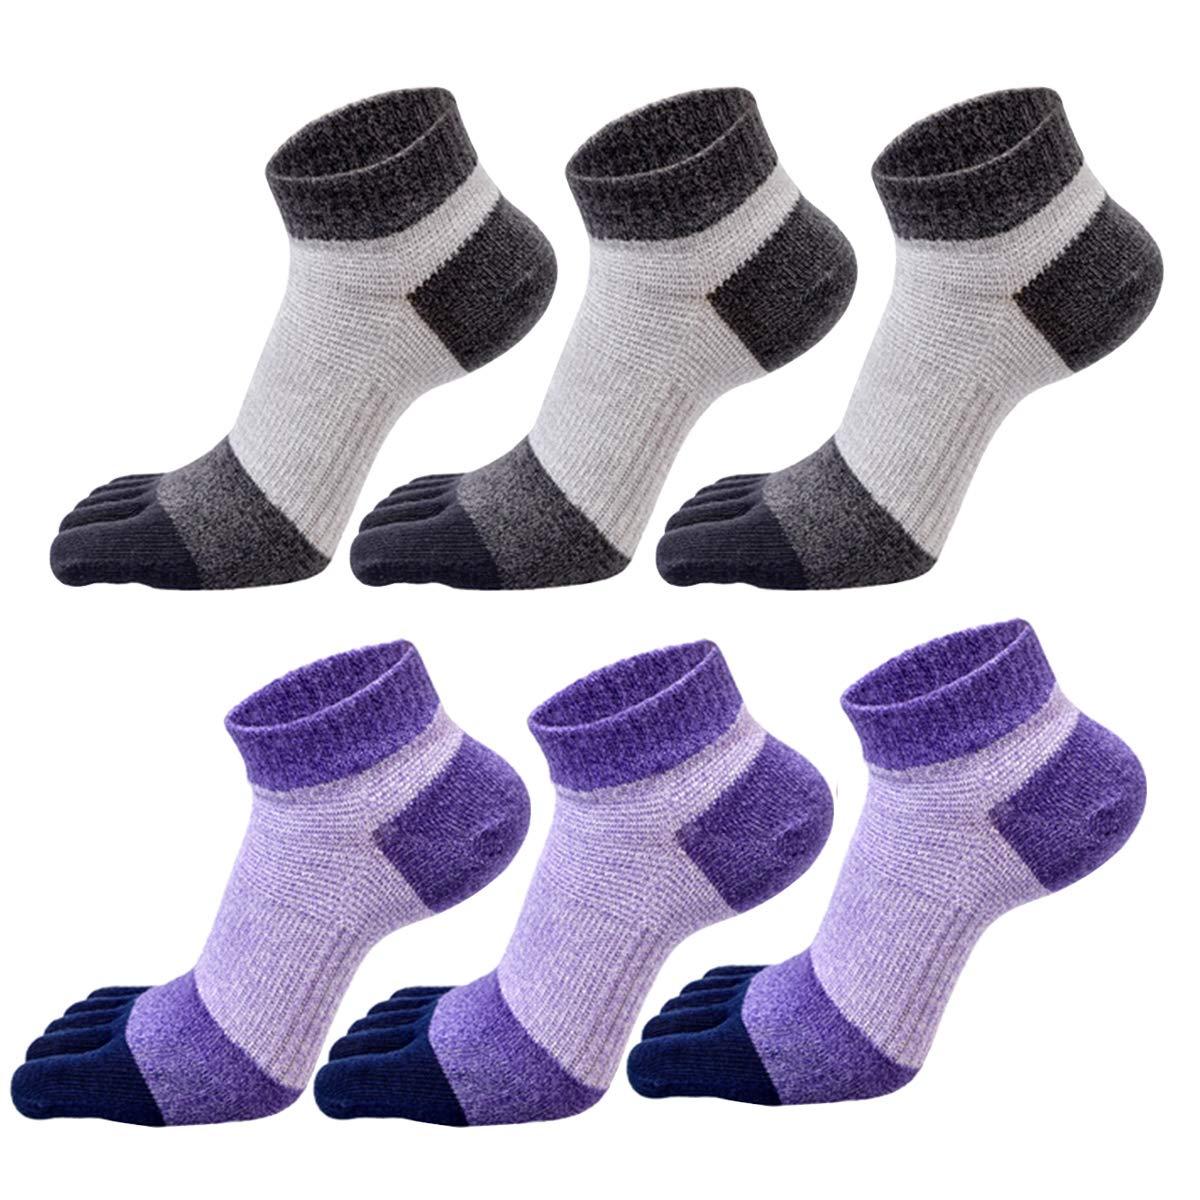 GINZIN mujeres Deportes Cinco calcetines del dedo del pie 6 pares,cinco calcetines de los dedos,calcetines de deporte,calcetines cinco dedos mujeres